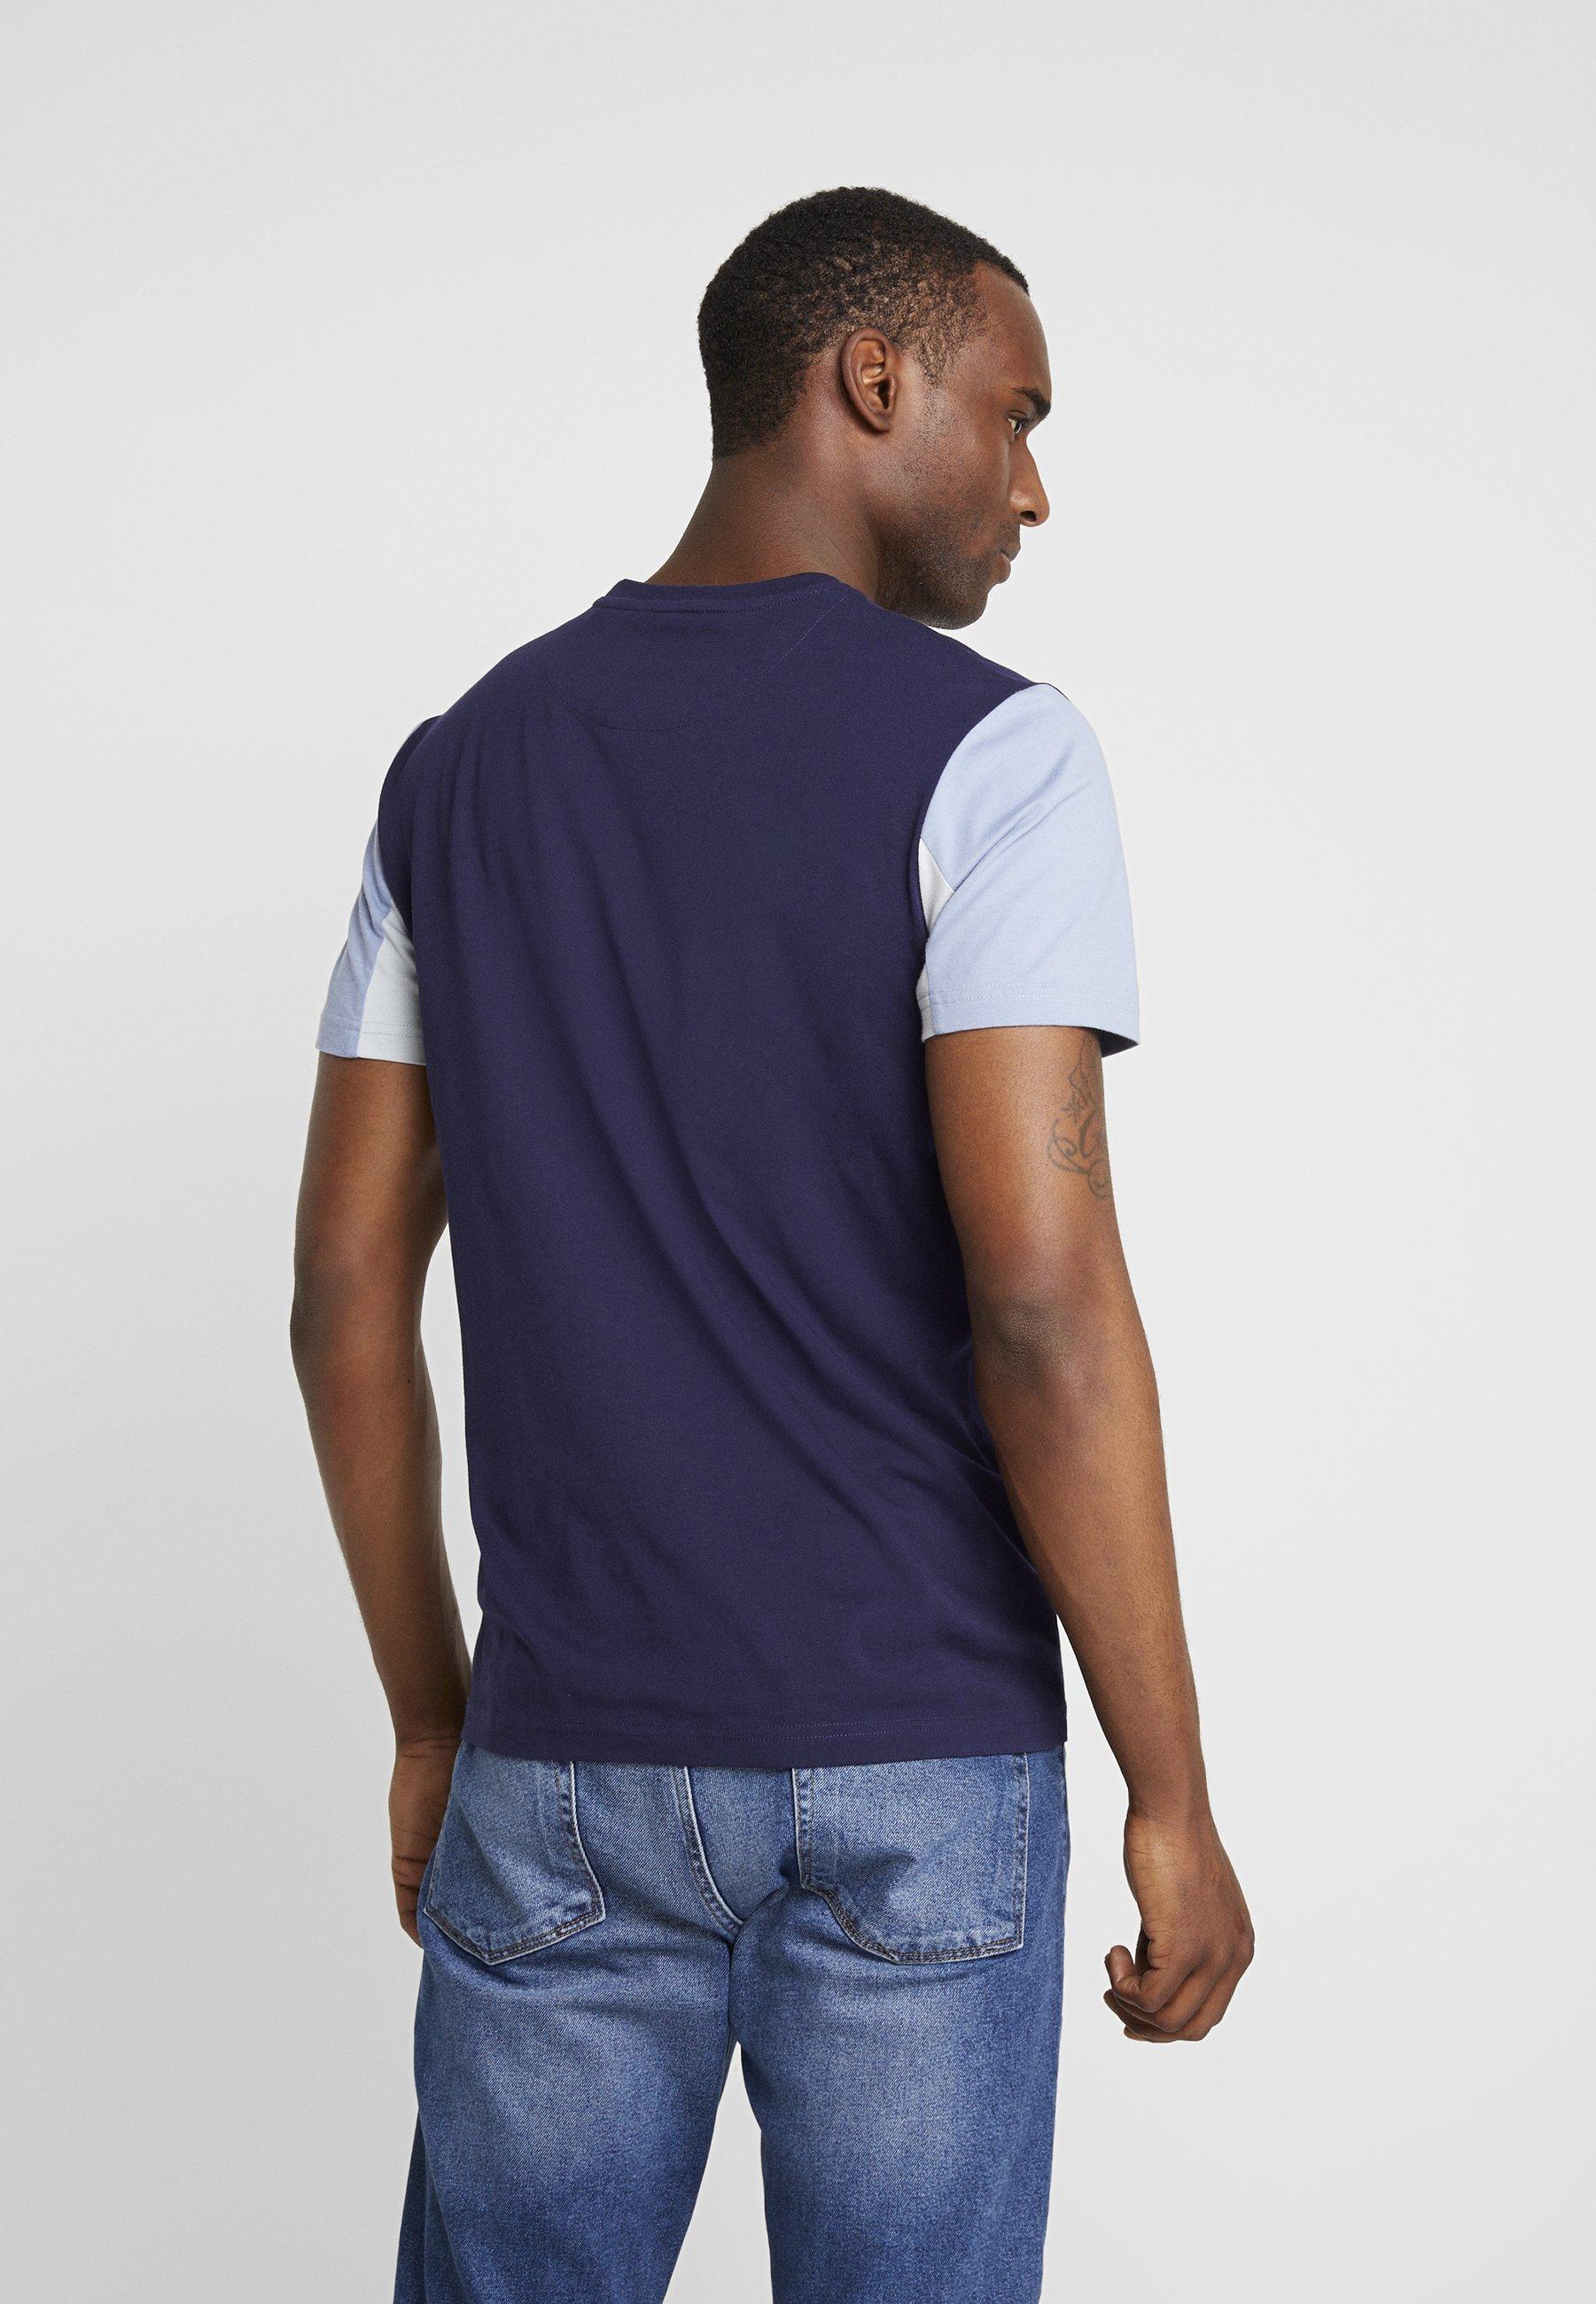 PanelT Scott Lyleamp; shirt Basique Navy Y7ymf6vIbg